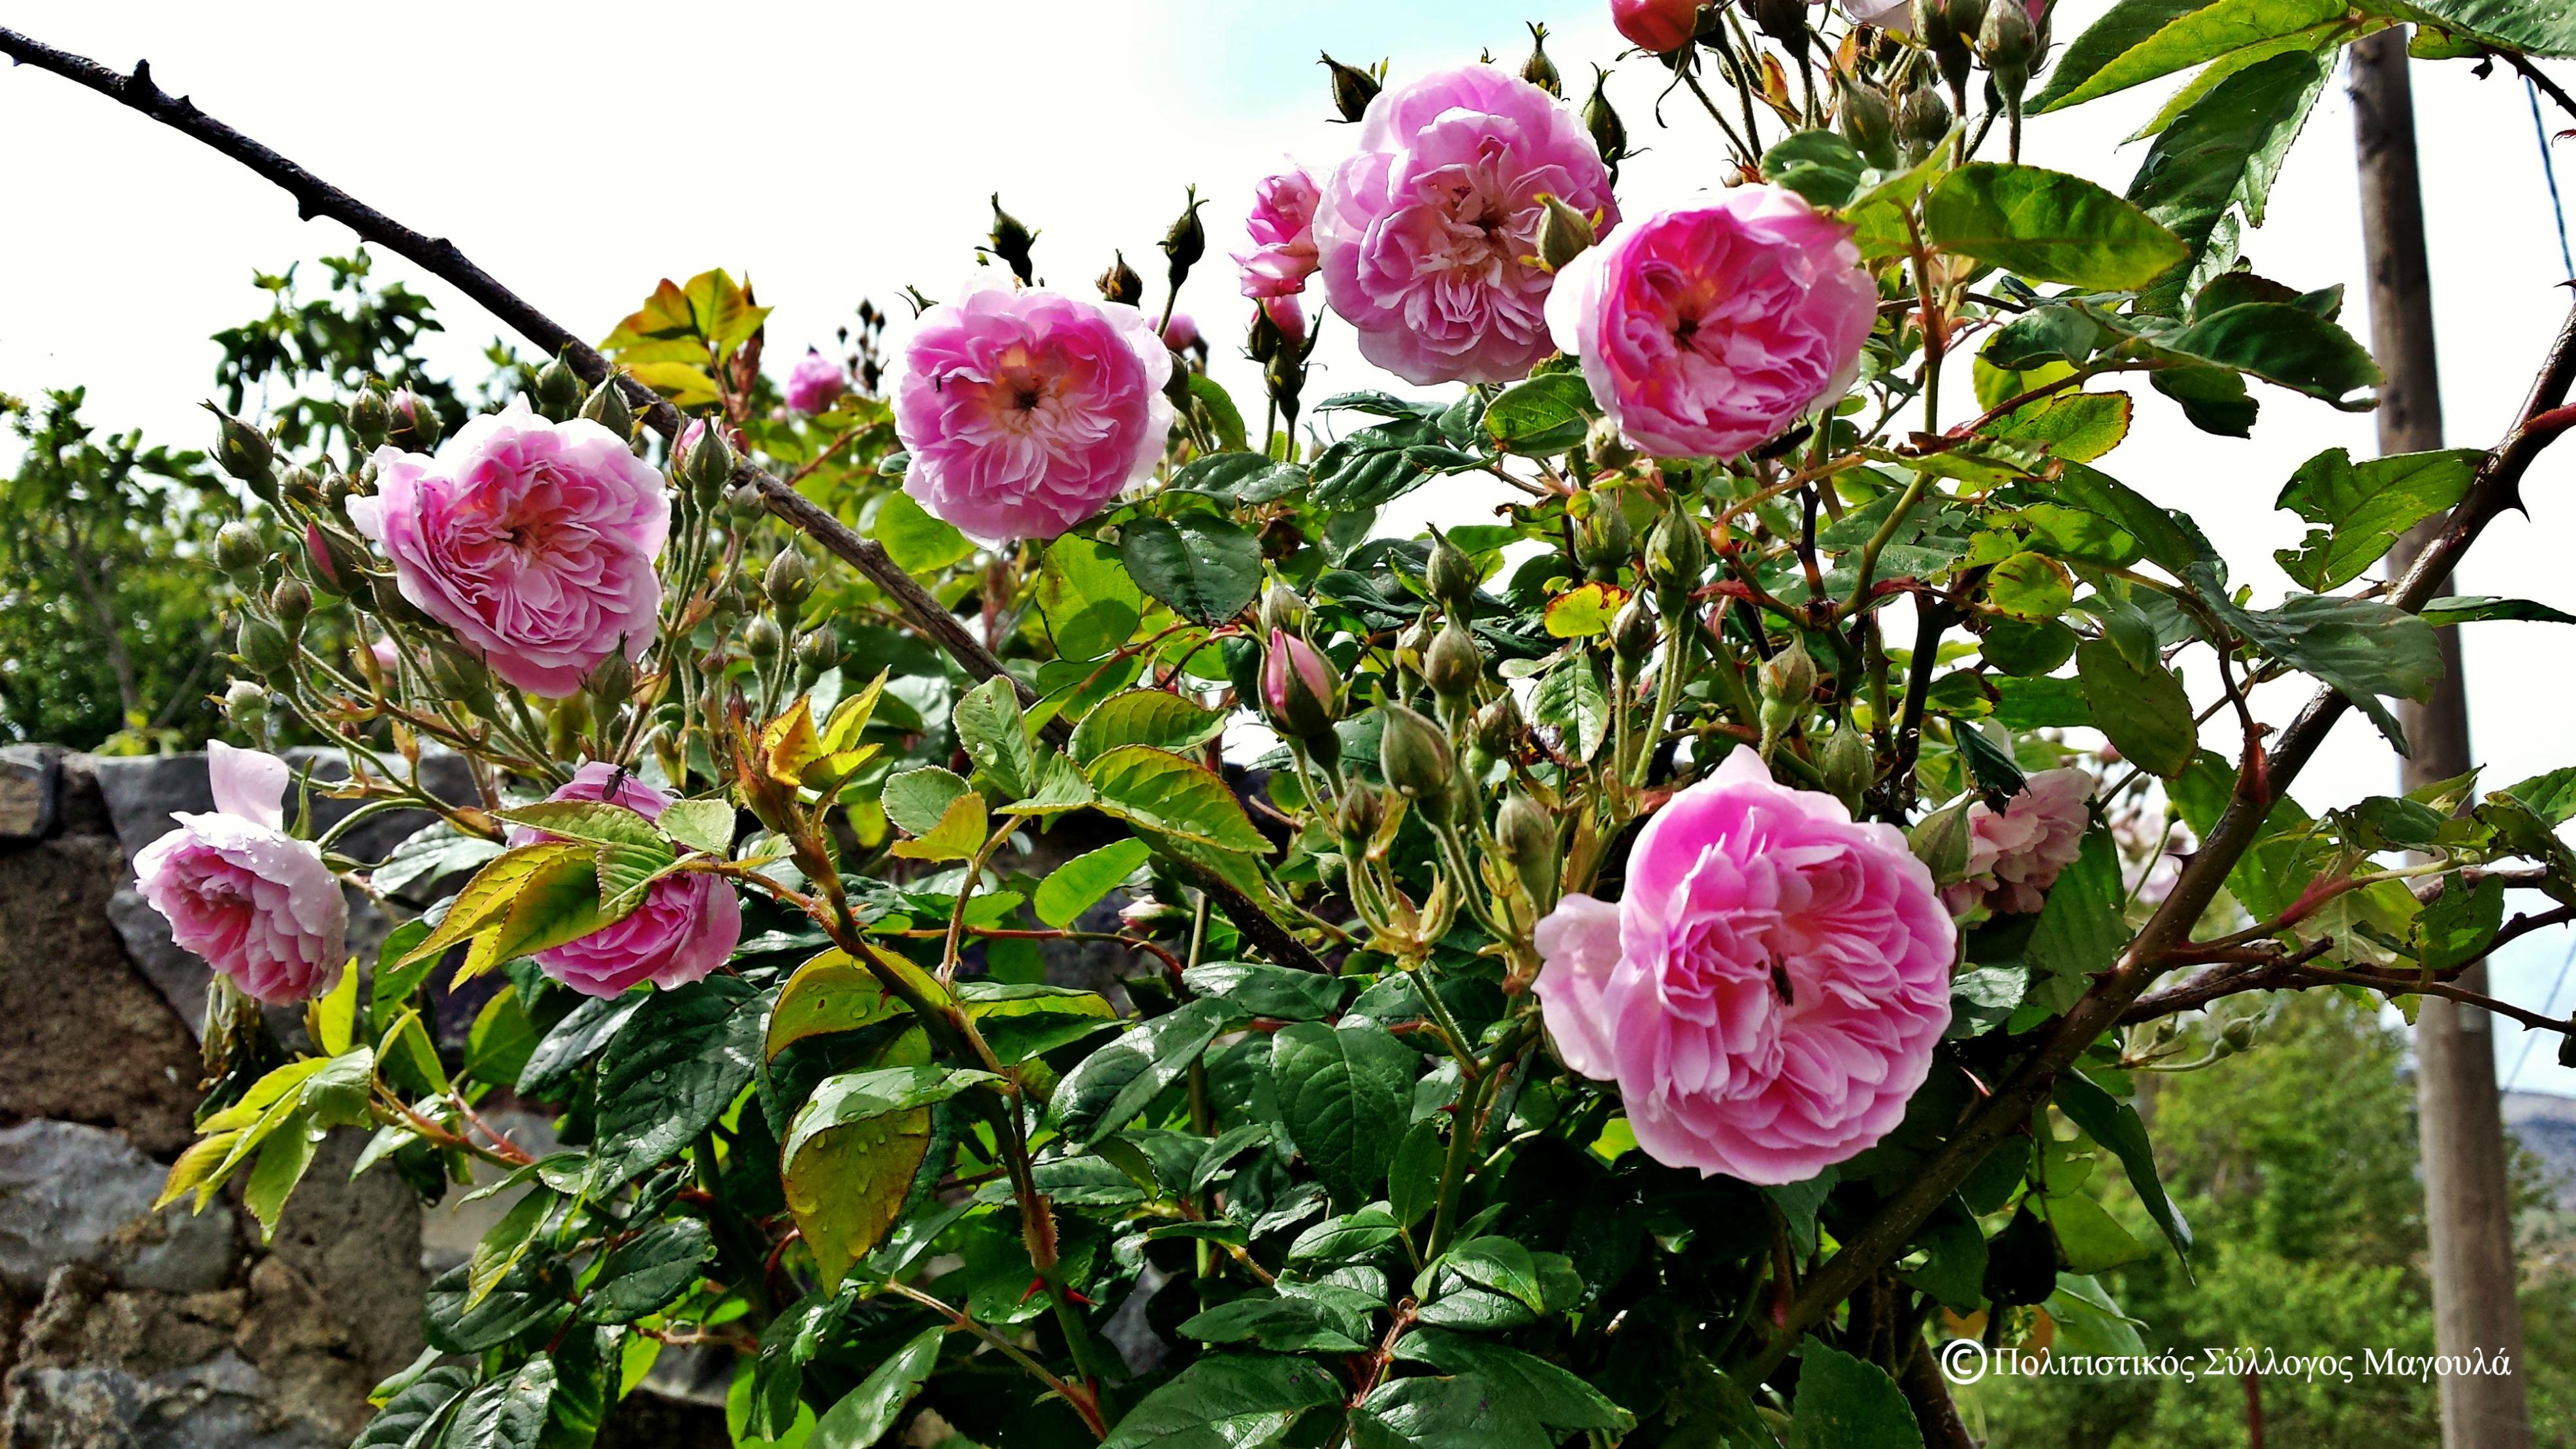 Ρόδα του σχολειού- Roses of Magoula's school